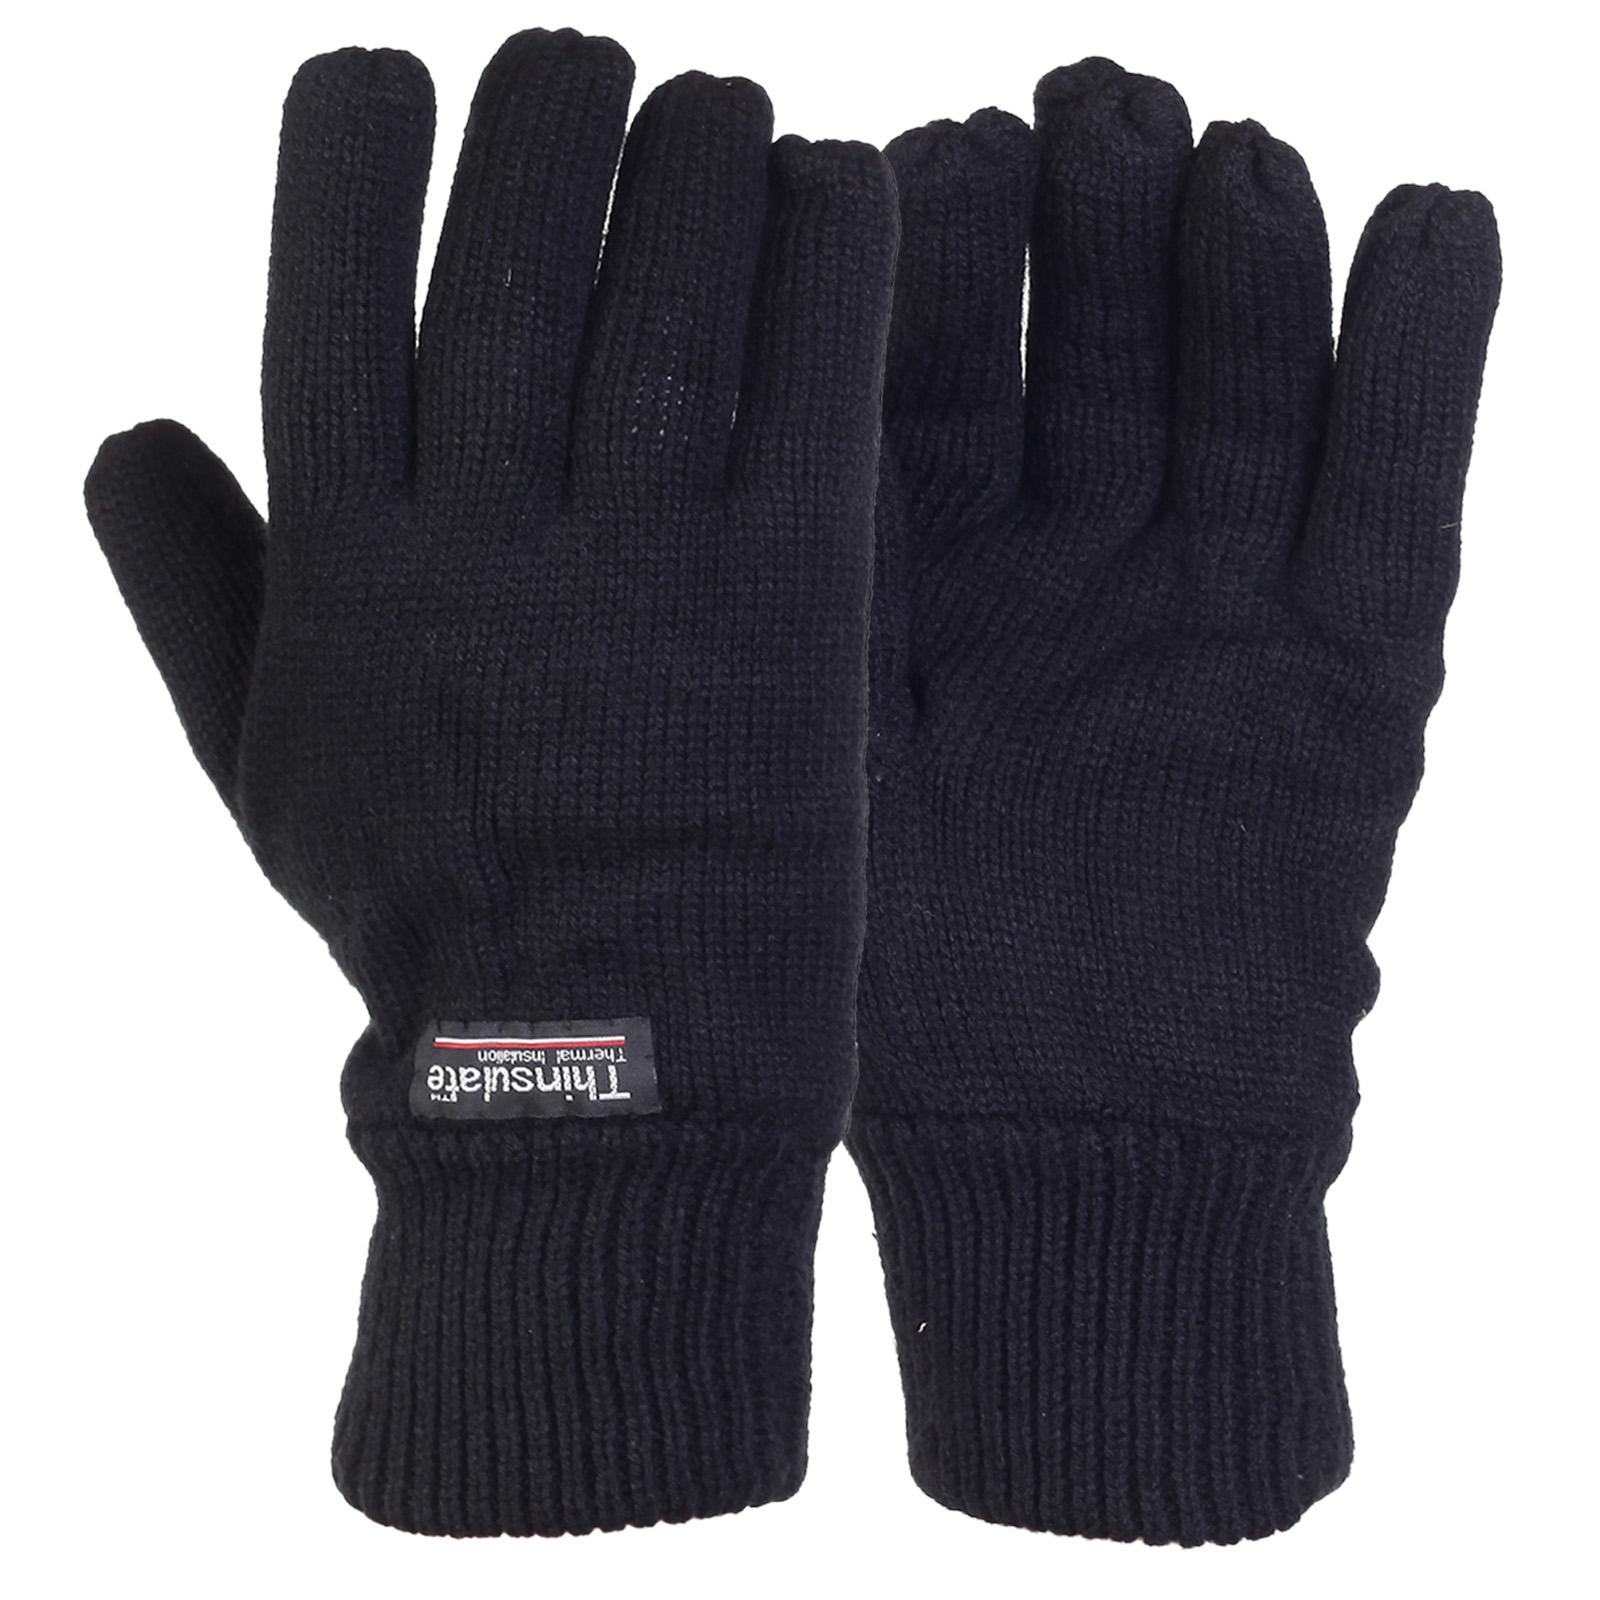 Зимние мужские перчатки Thinsulate – недорого и удобно